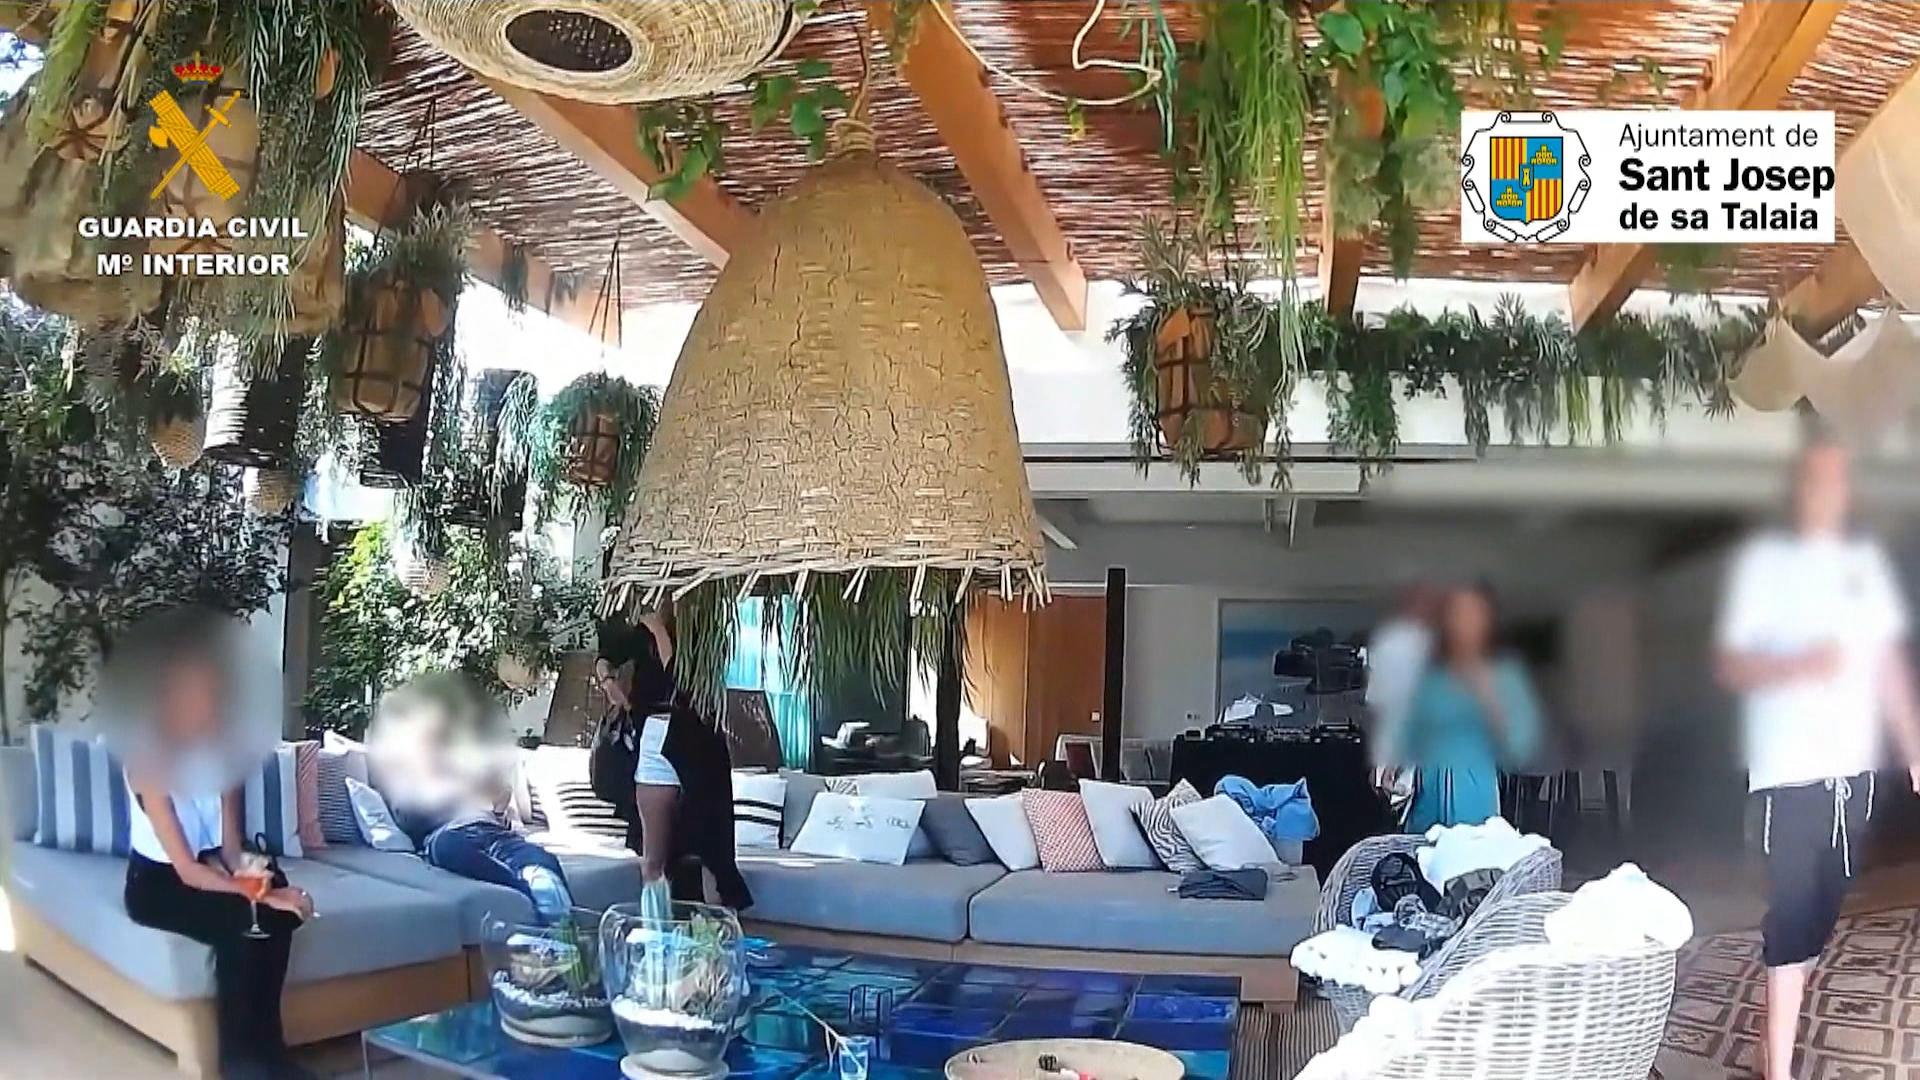 Torna+el+desfasament+a+Eivissa%3A+208+festes+il%C2%B7legals+en+40+dies